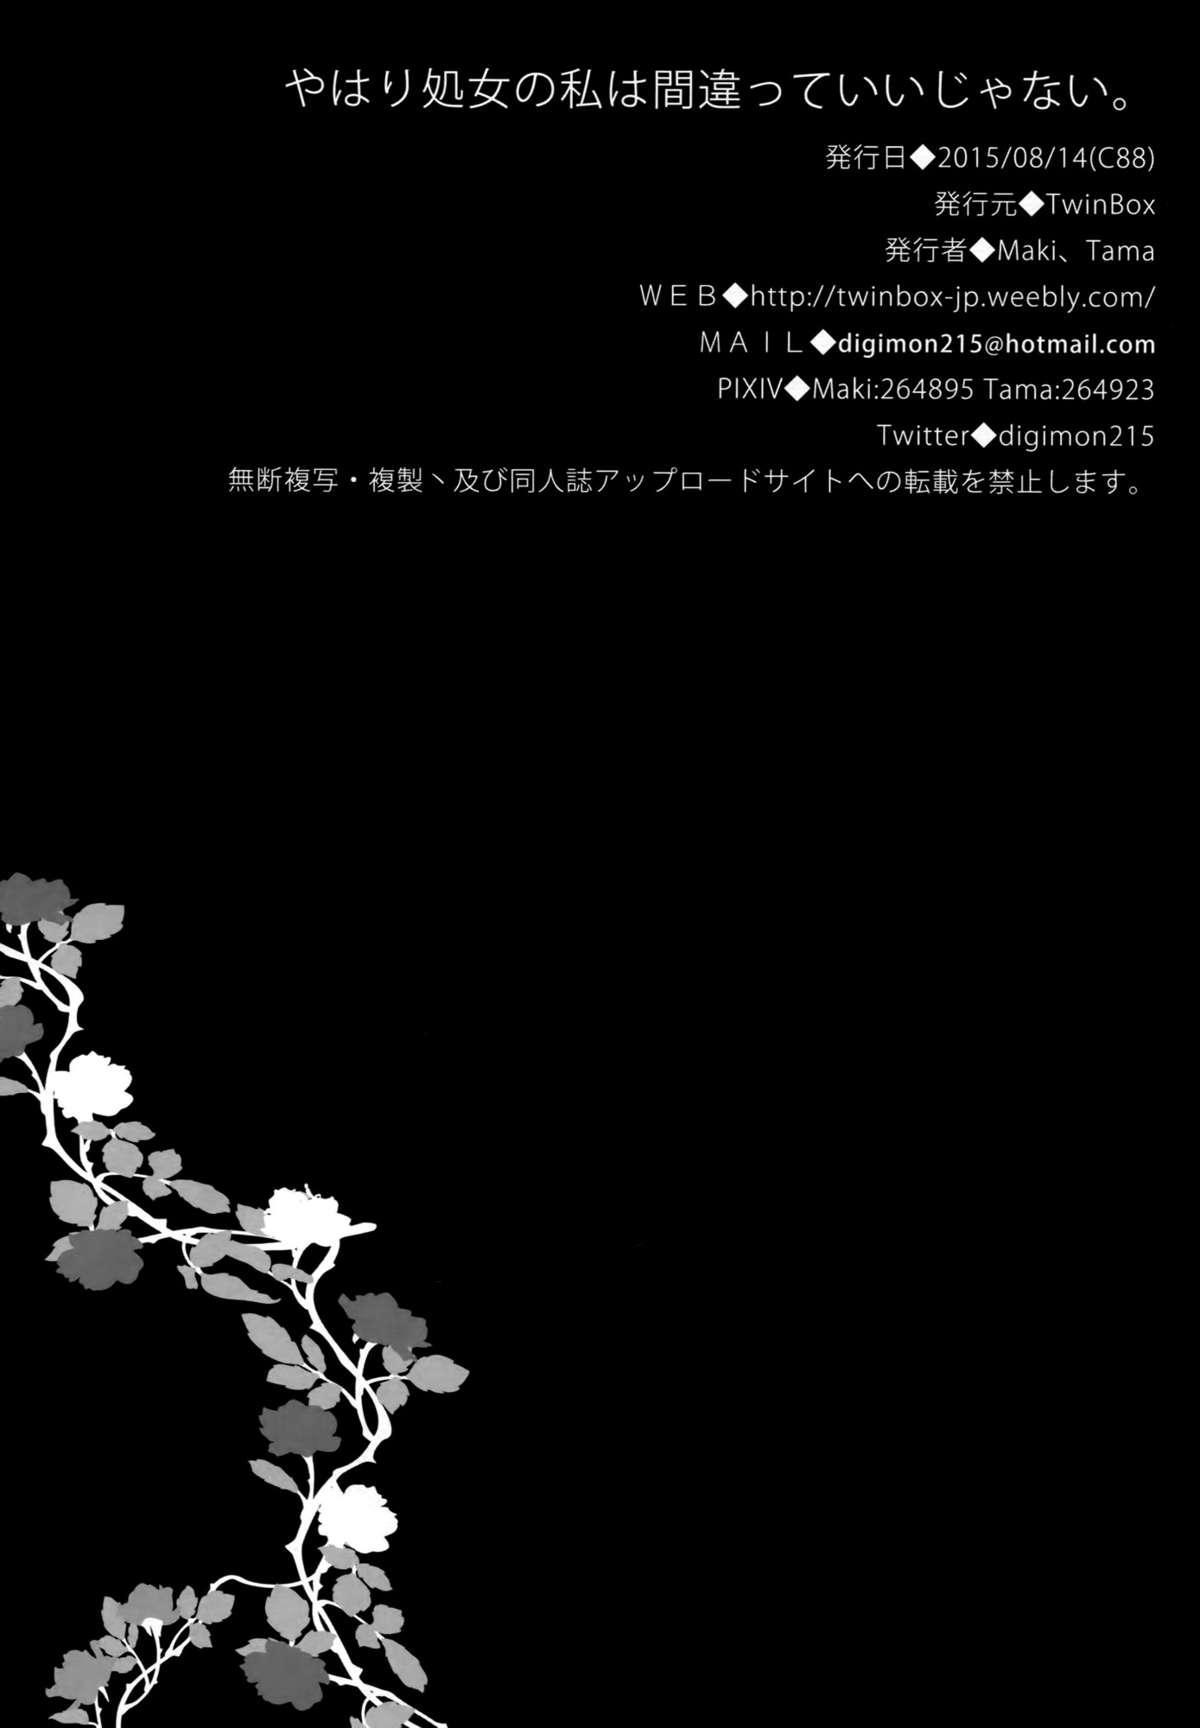 Yahari Shojo no Watashi wa Machigatte Ii janai. 17